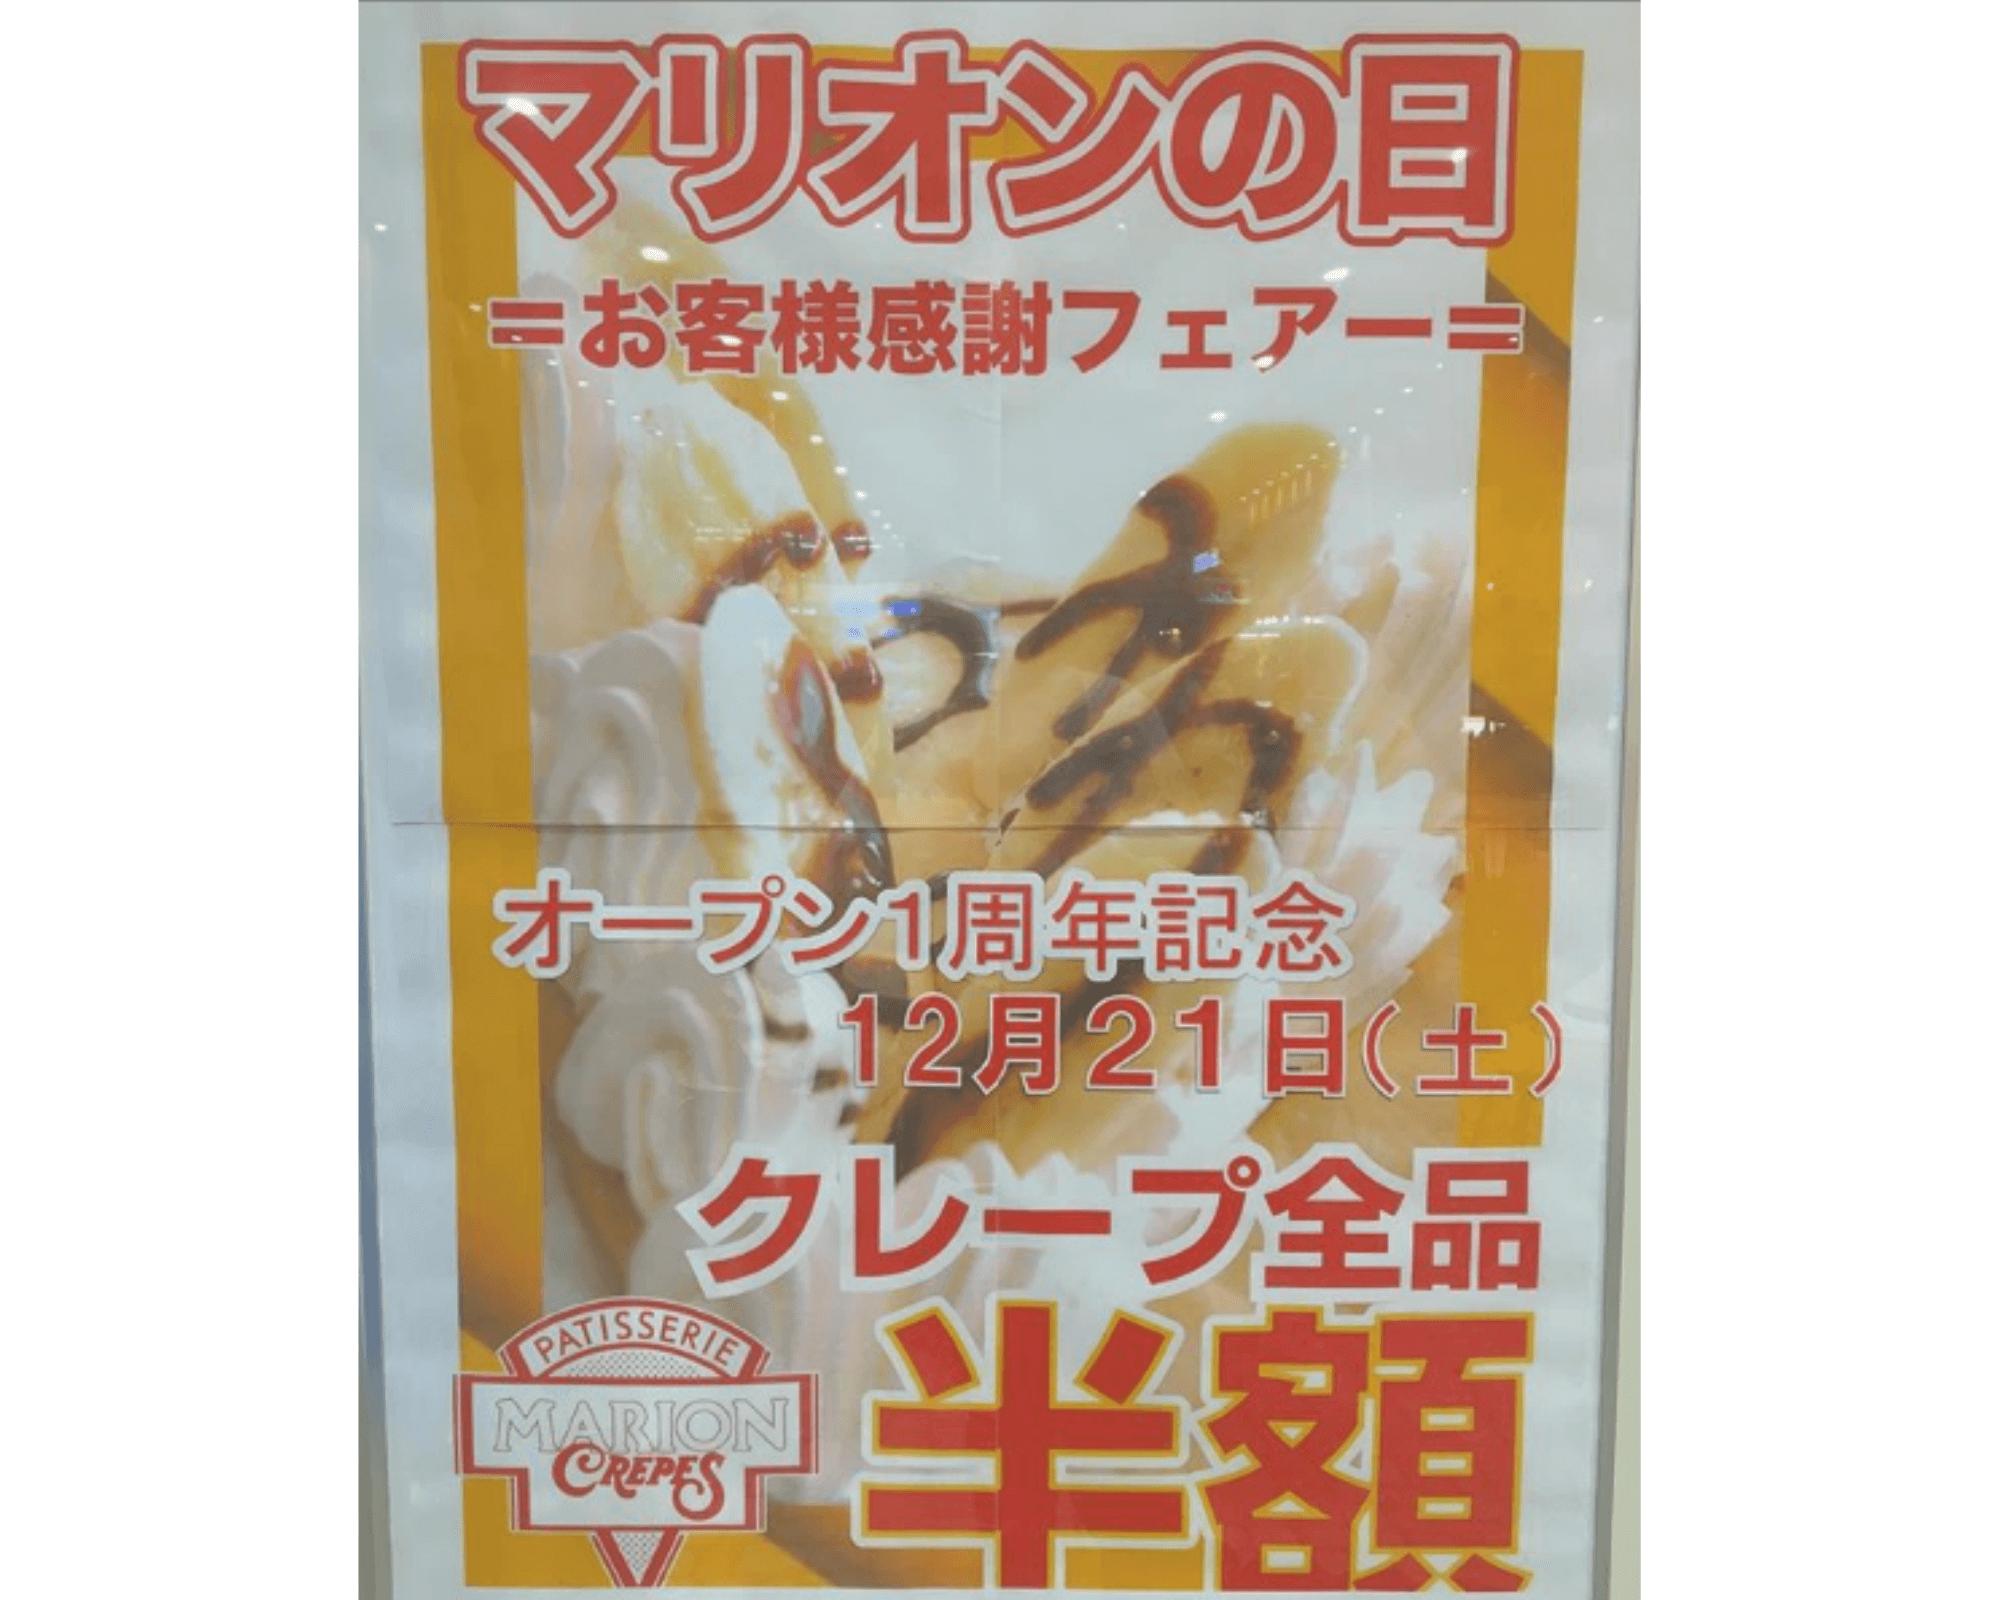 マリオンクレープアリオ札幌店の1周年記念イベント